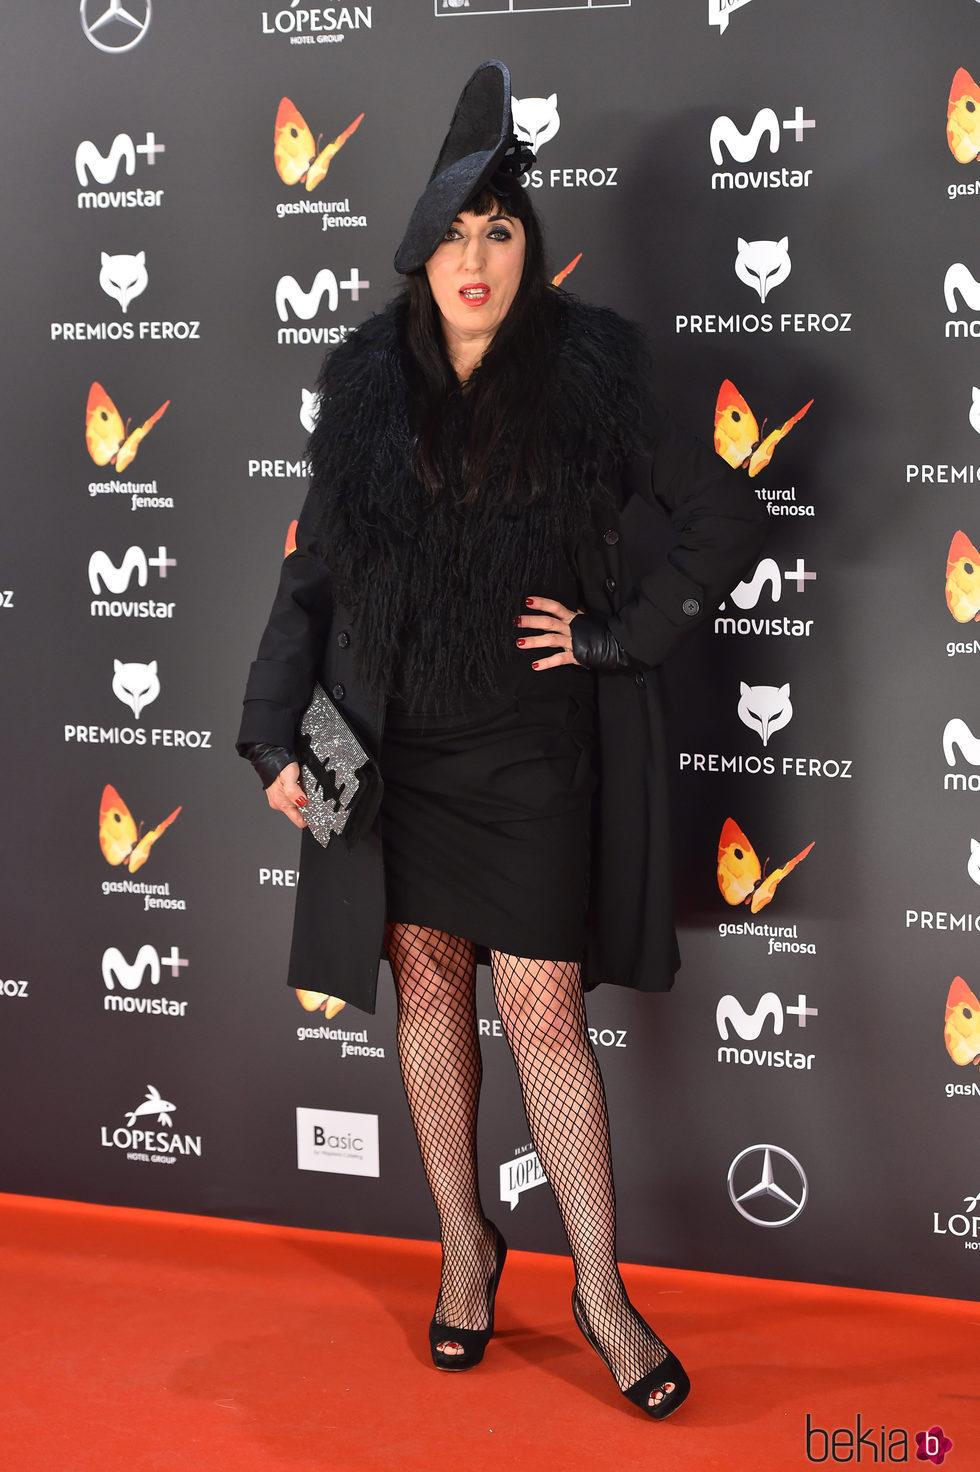 Rossy de Palma en la alfombra roja de los Premios Feroz 2017